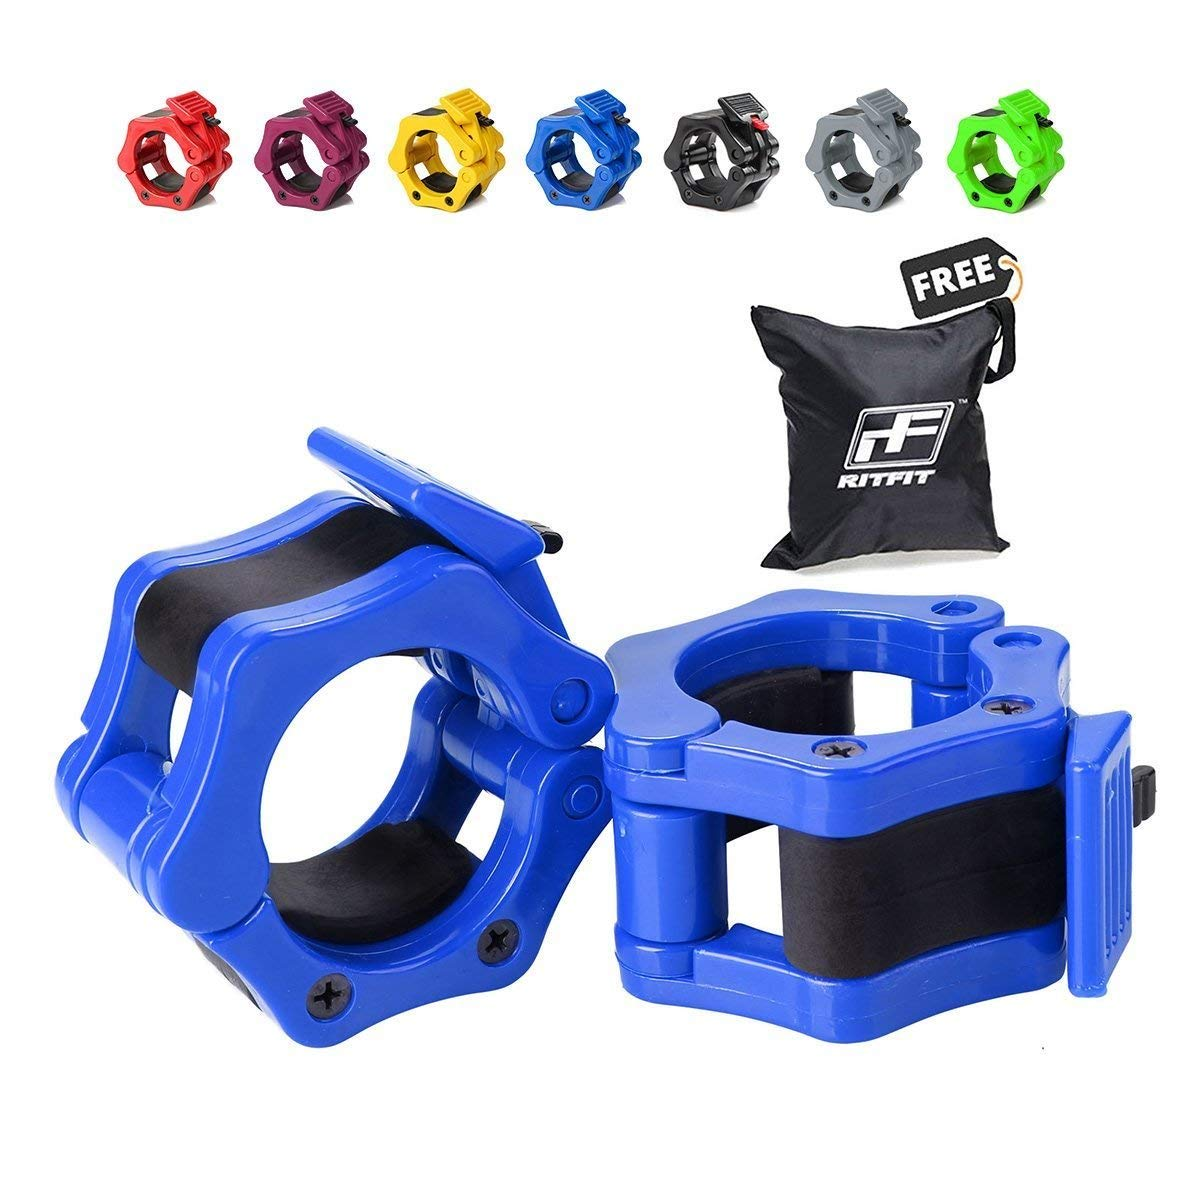 RitFit - Juego de 2 abrazaderas de bloqueo de nailon sólido con cierre de liberación rápida, ideal para CrossFit, OHP, sentadillas, pesos muertos y otras ...